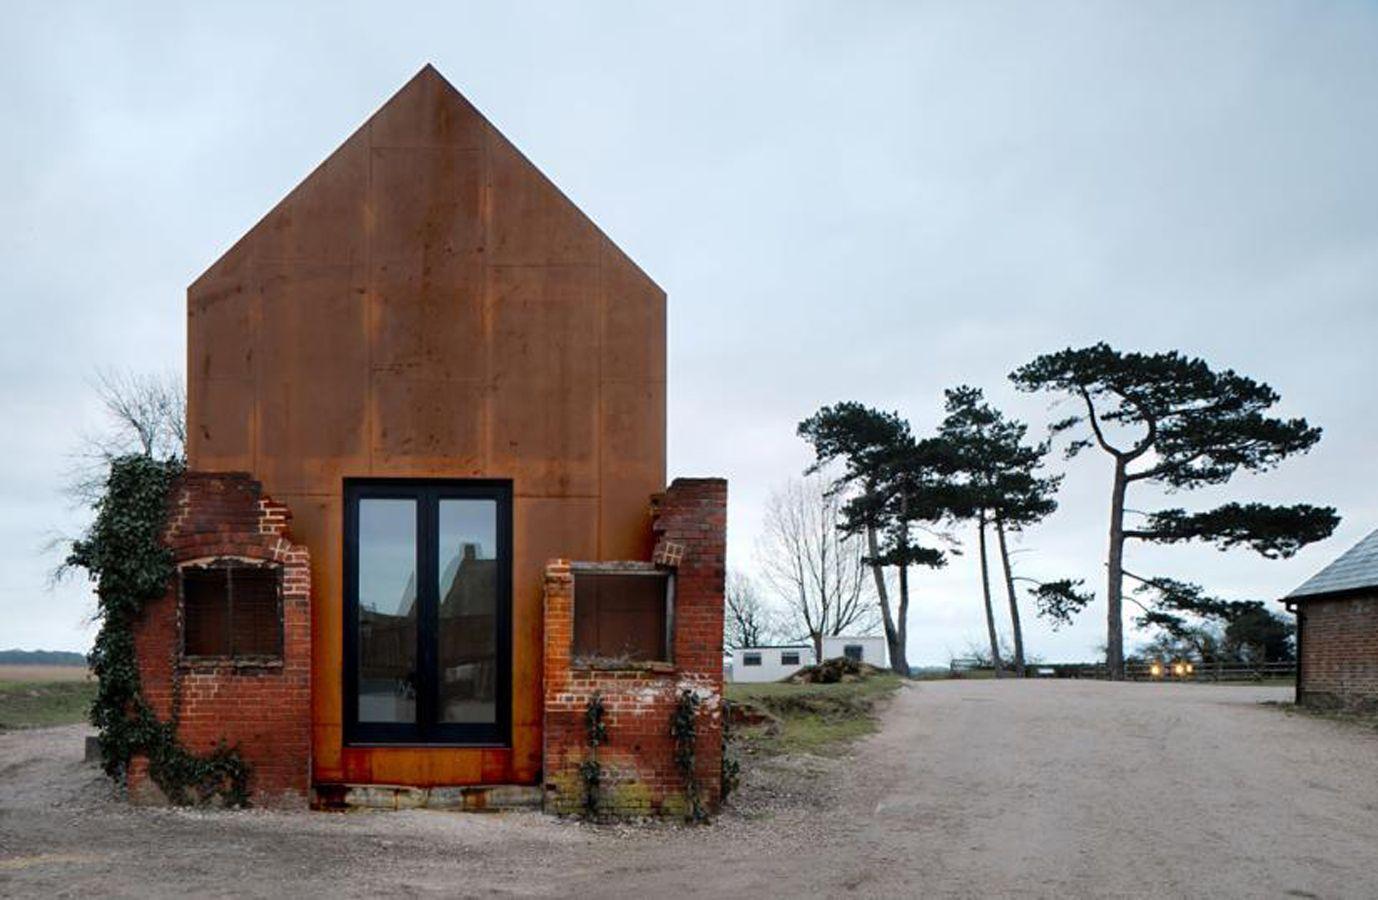 Arquitectura que aúna sorprendentemente bien un viejo edificio y uno totalmente nuevo y moderno. En UK.